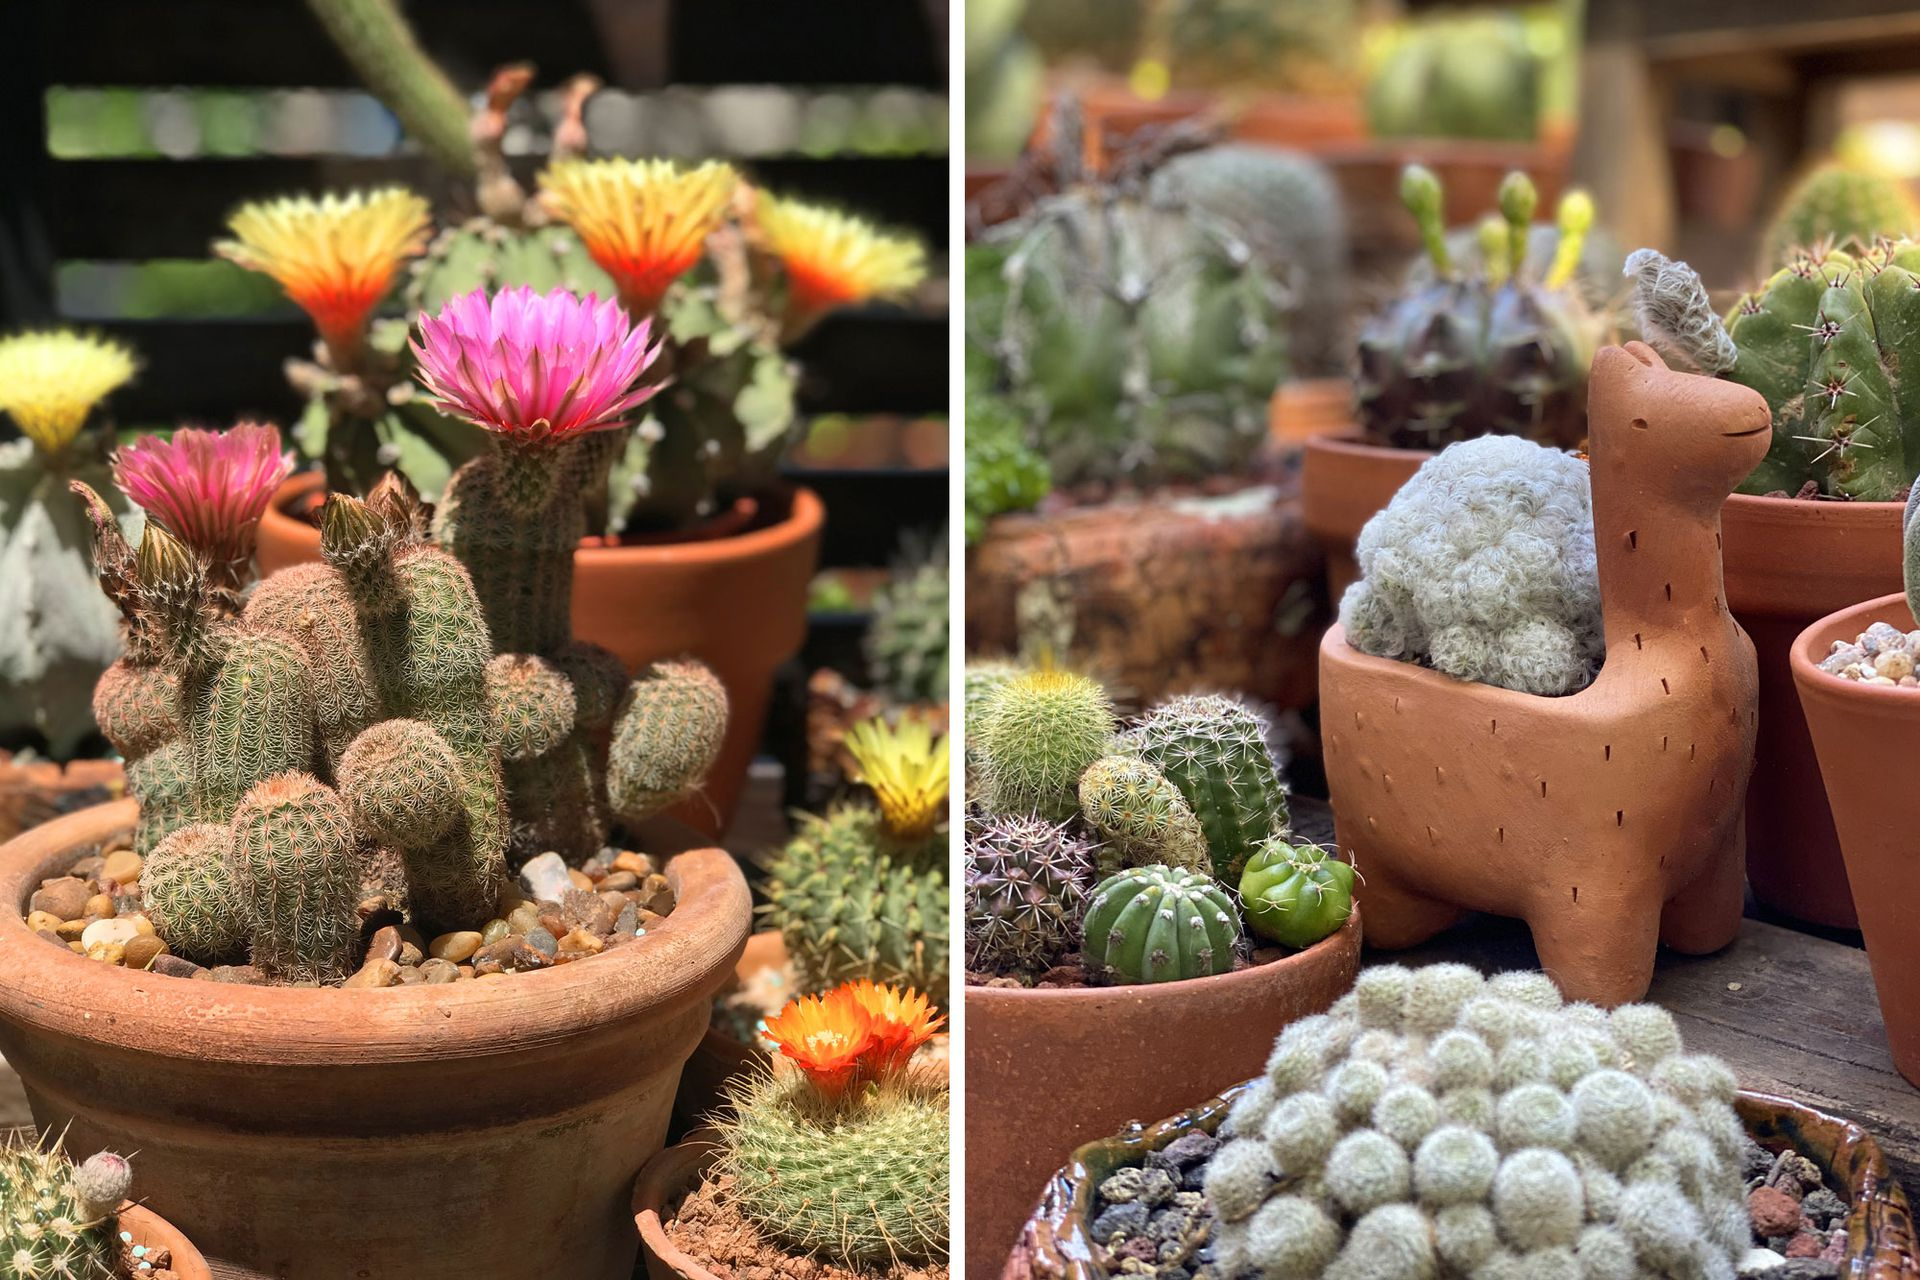 La colección de Teresa reúne unas 500 plantas. Desde hace 11 años no para de crecer.